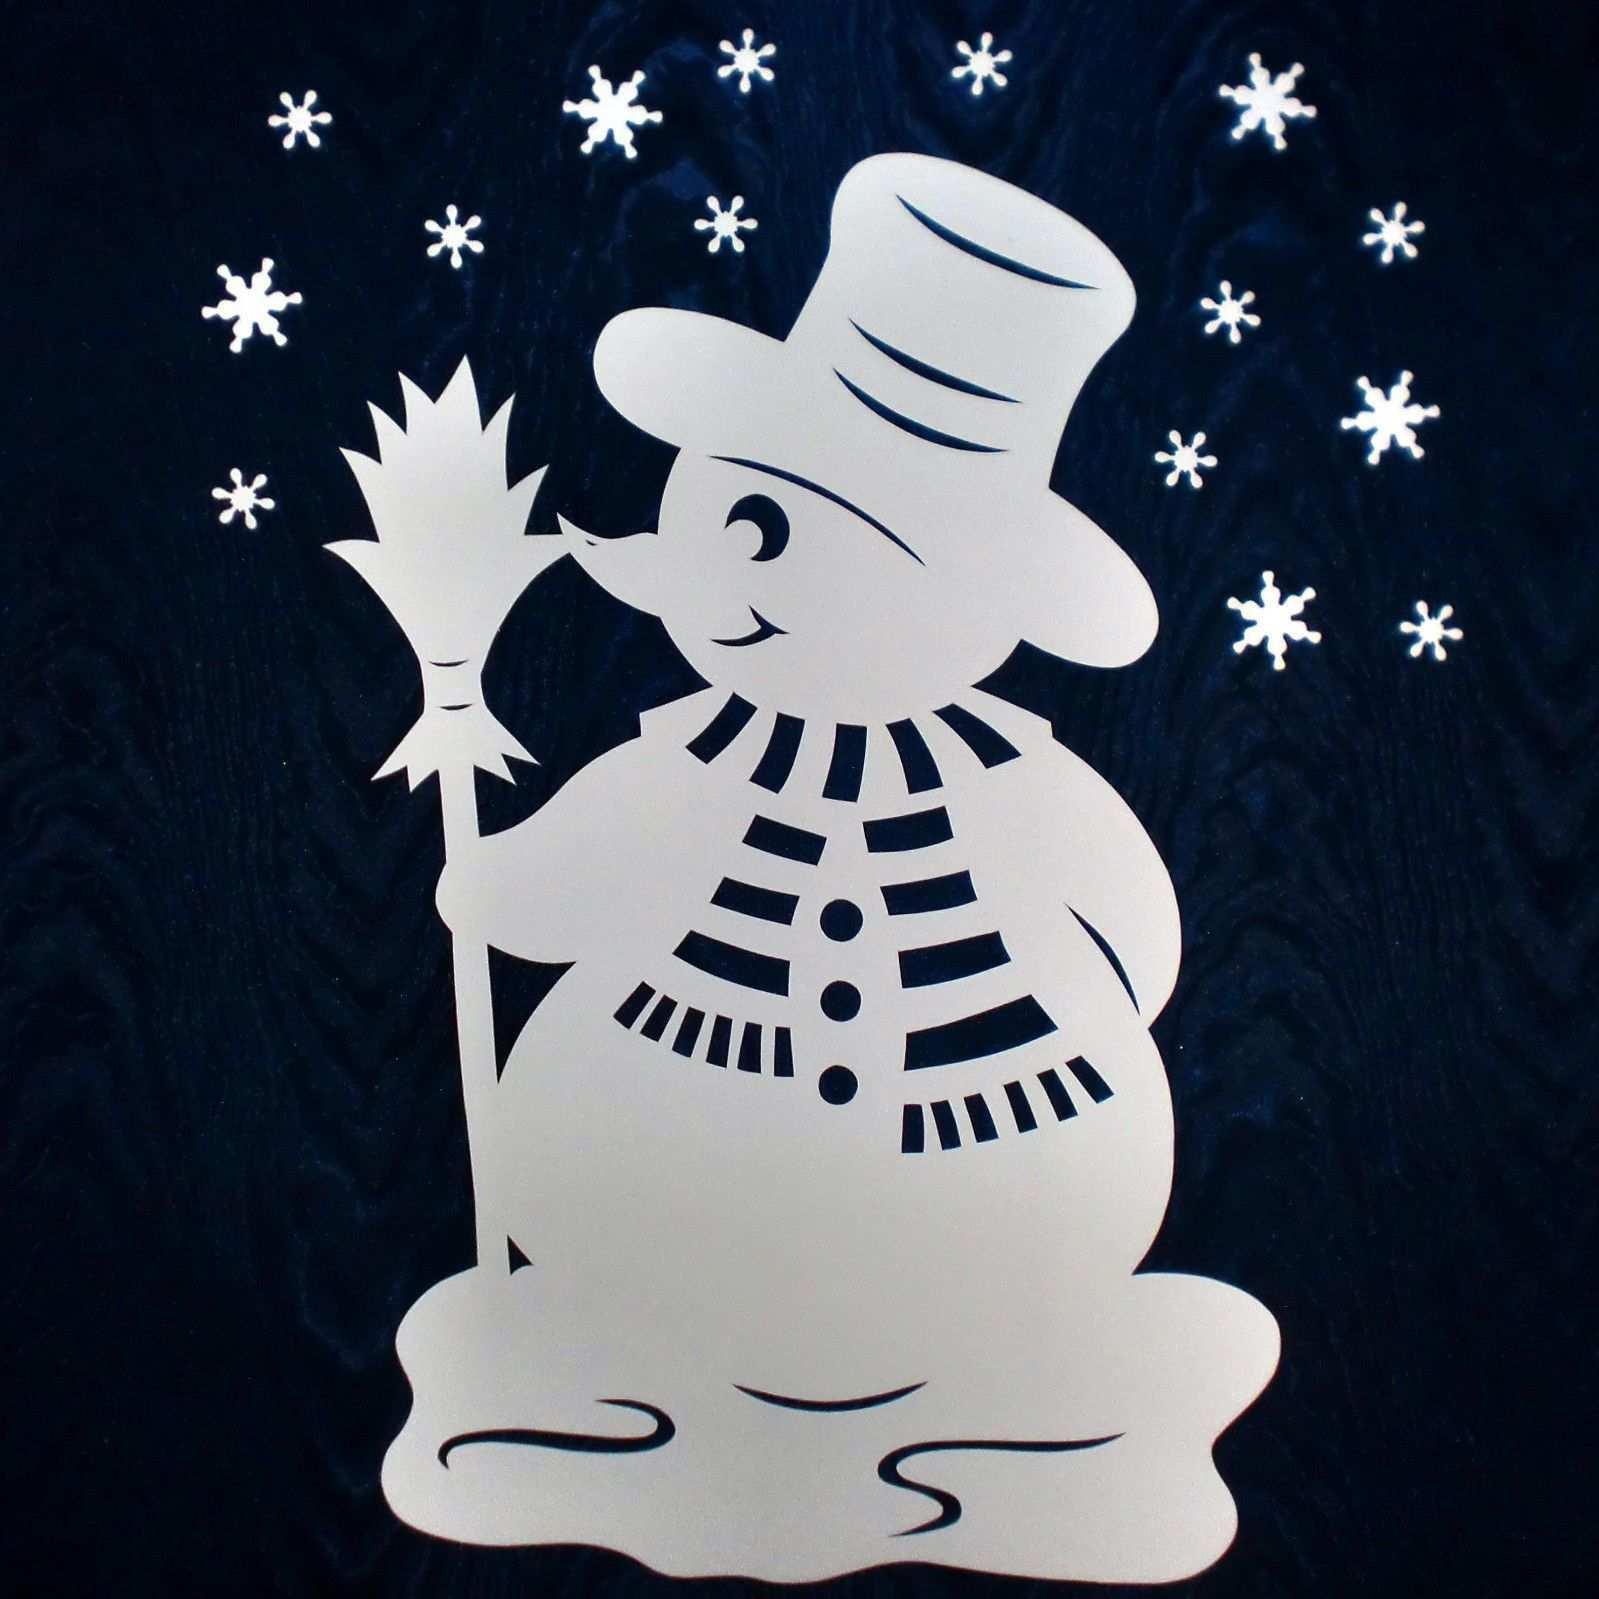 Grosser Schneemann Filigranes Fensterbild Aus Tonkarton Winter Weihnachten Scherenschnitt Weihnachten Fensterbilder Weihnachten Tonkarton